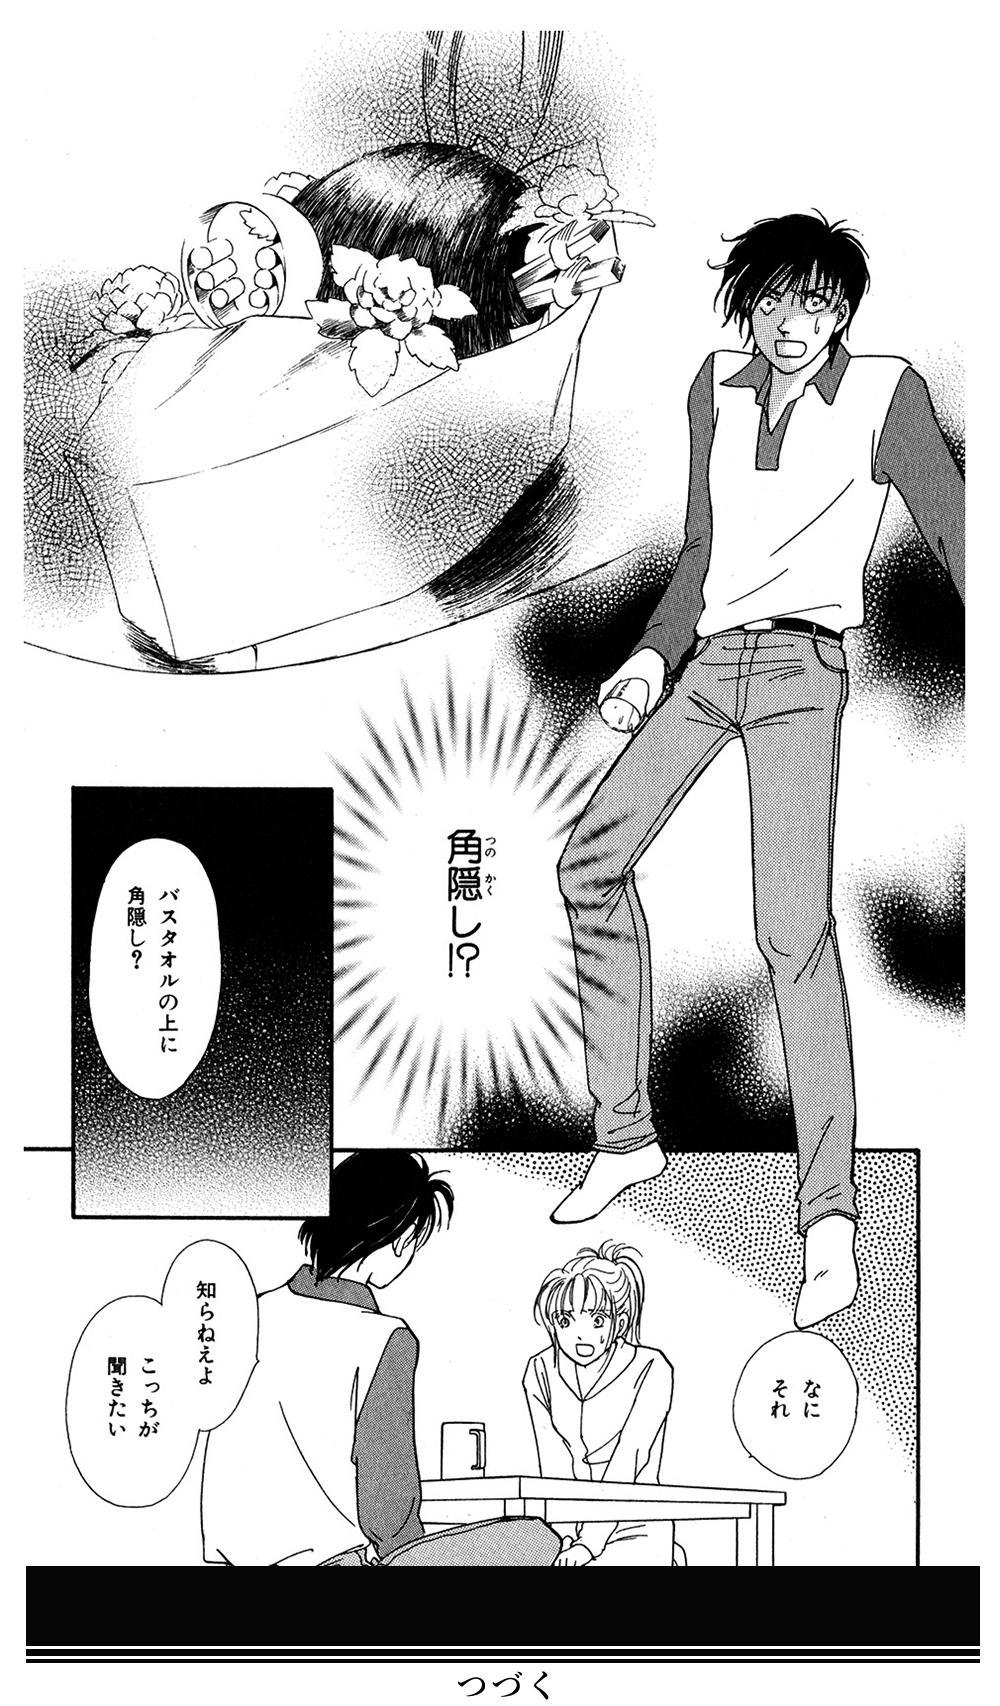 魔百合の恐怖報告 「災いを呼ぶ老婆」①rouba01-22.jpg